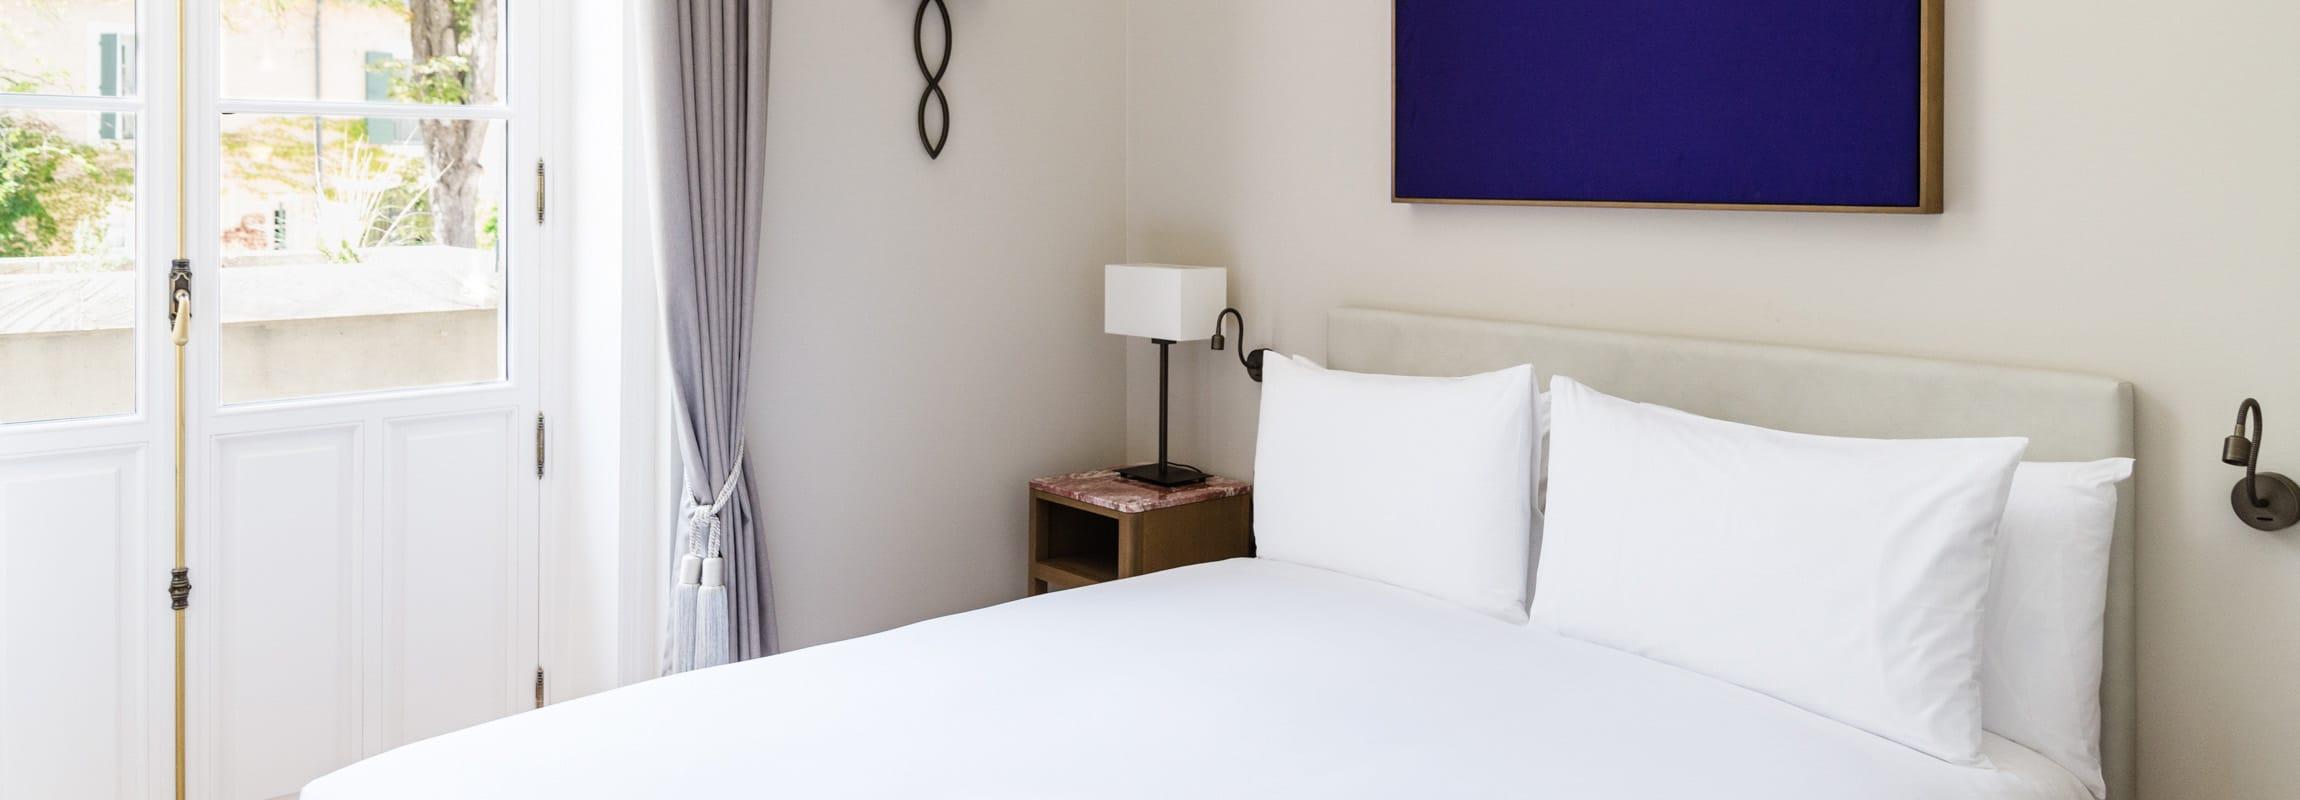 Chambres Classic - Chateau de Montcaud, Hotel en Provence